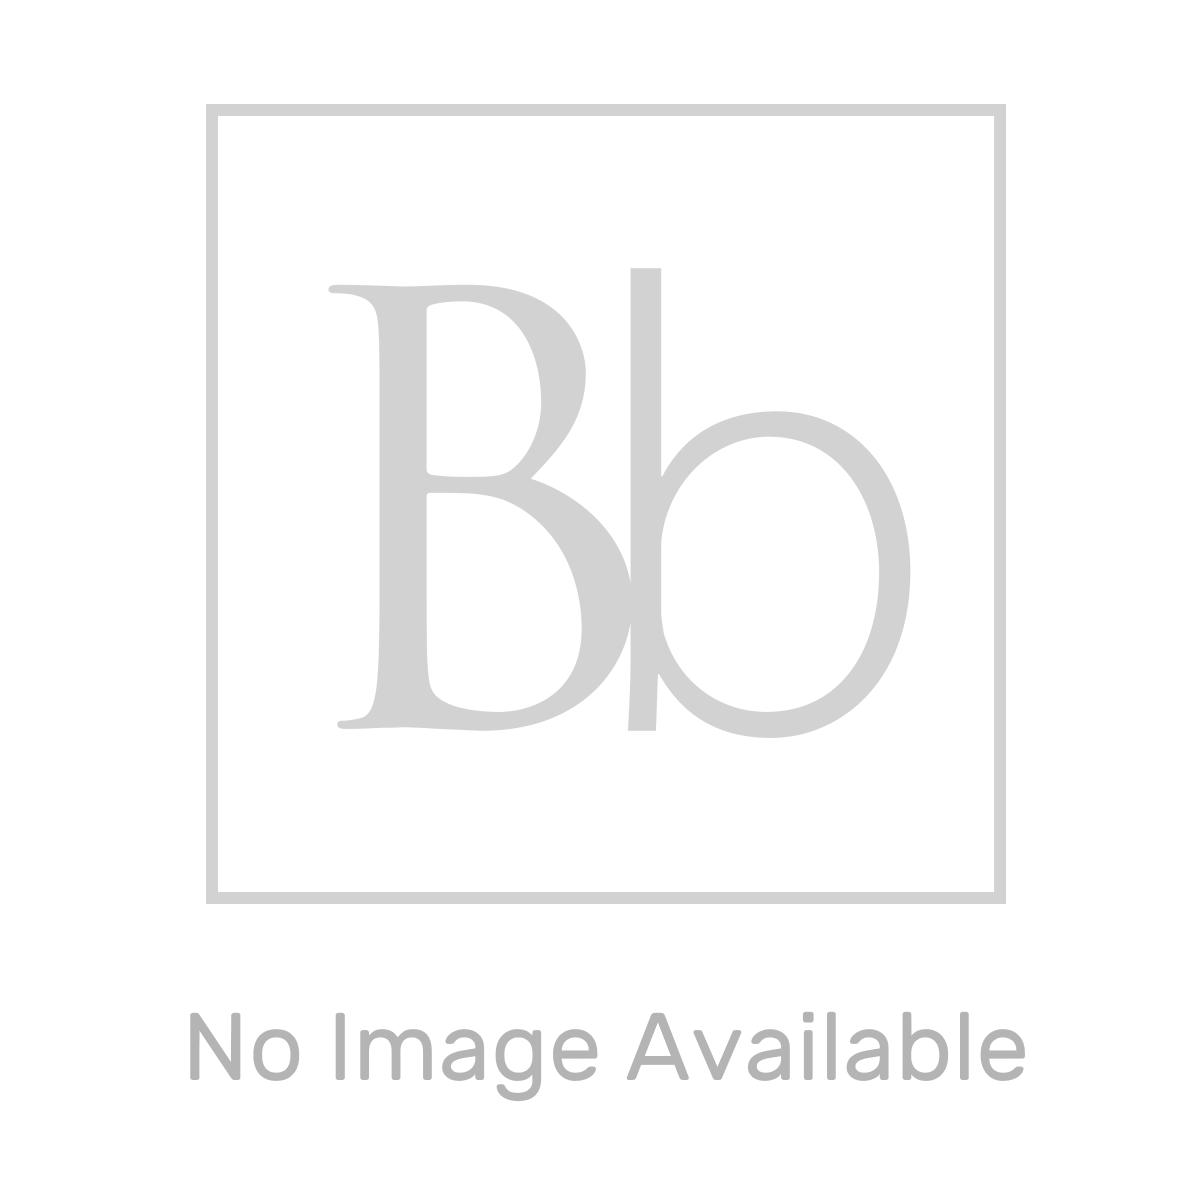 HiB Vogue LED Aluminium Mirrored Cabinet